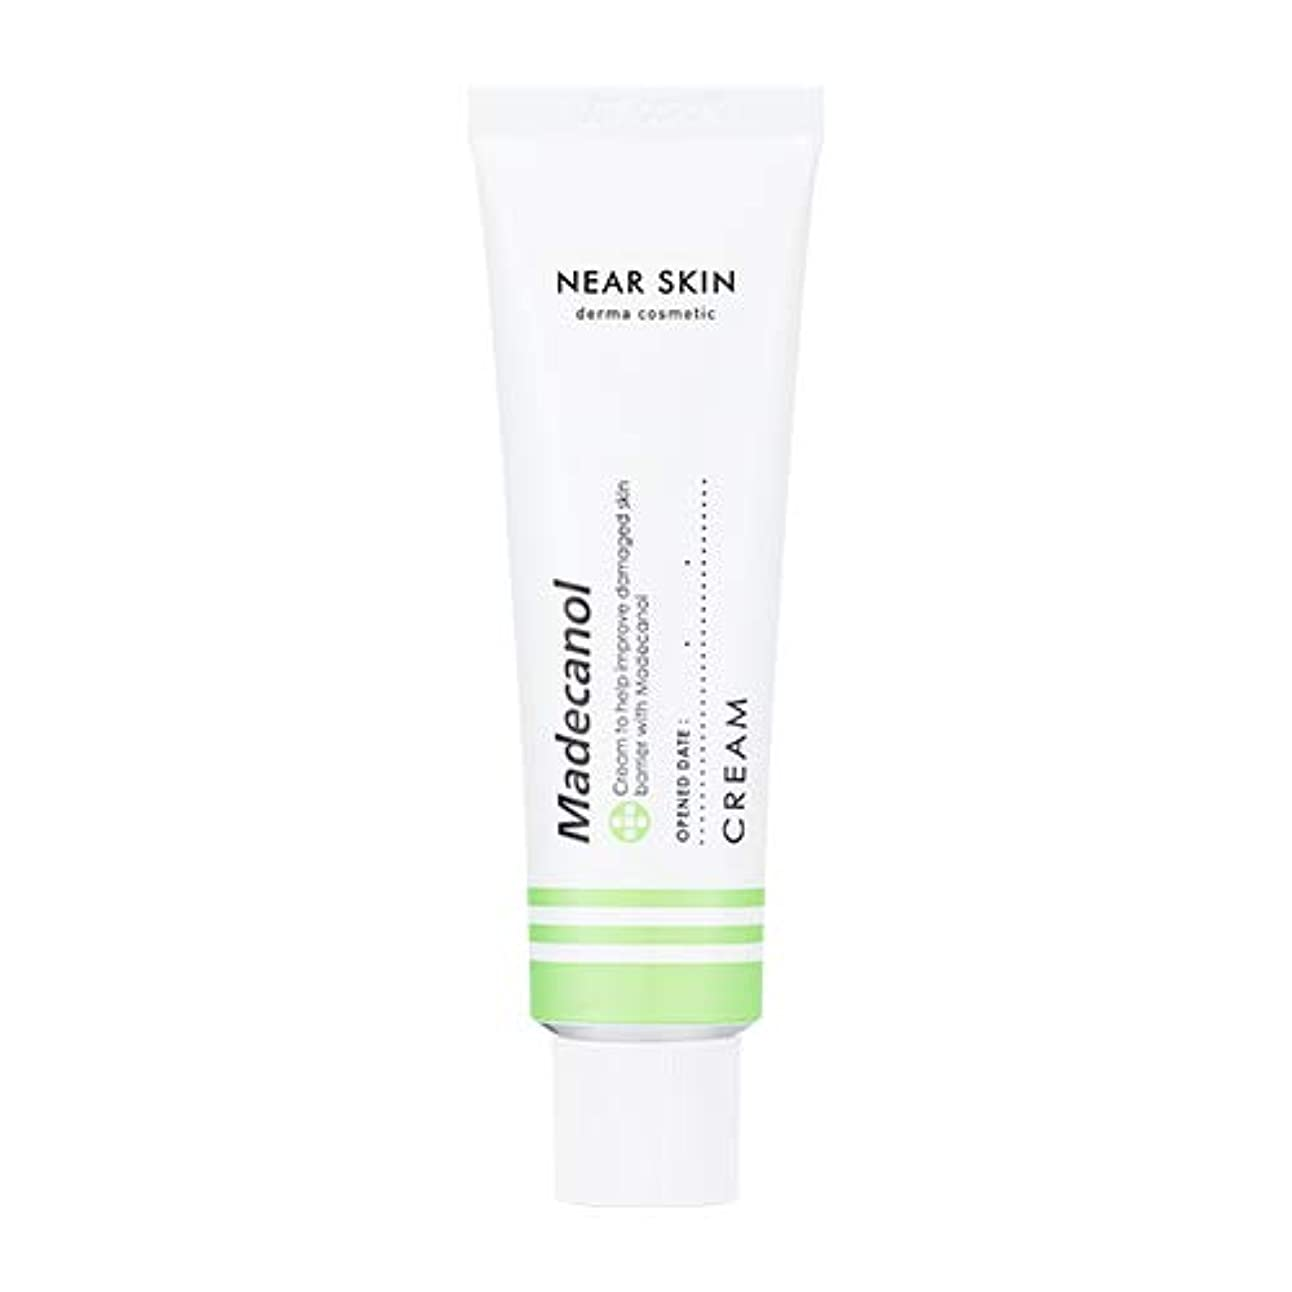 メイドバンク統計的ミシャ ニアスキンマデカノールクリーム/MISSHA NEAR SKIN Madecanol Cream 50ml [並行輸入品]